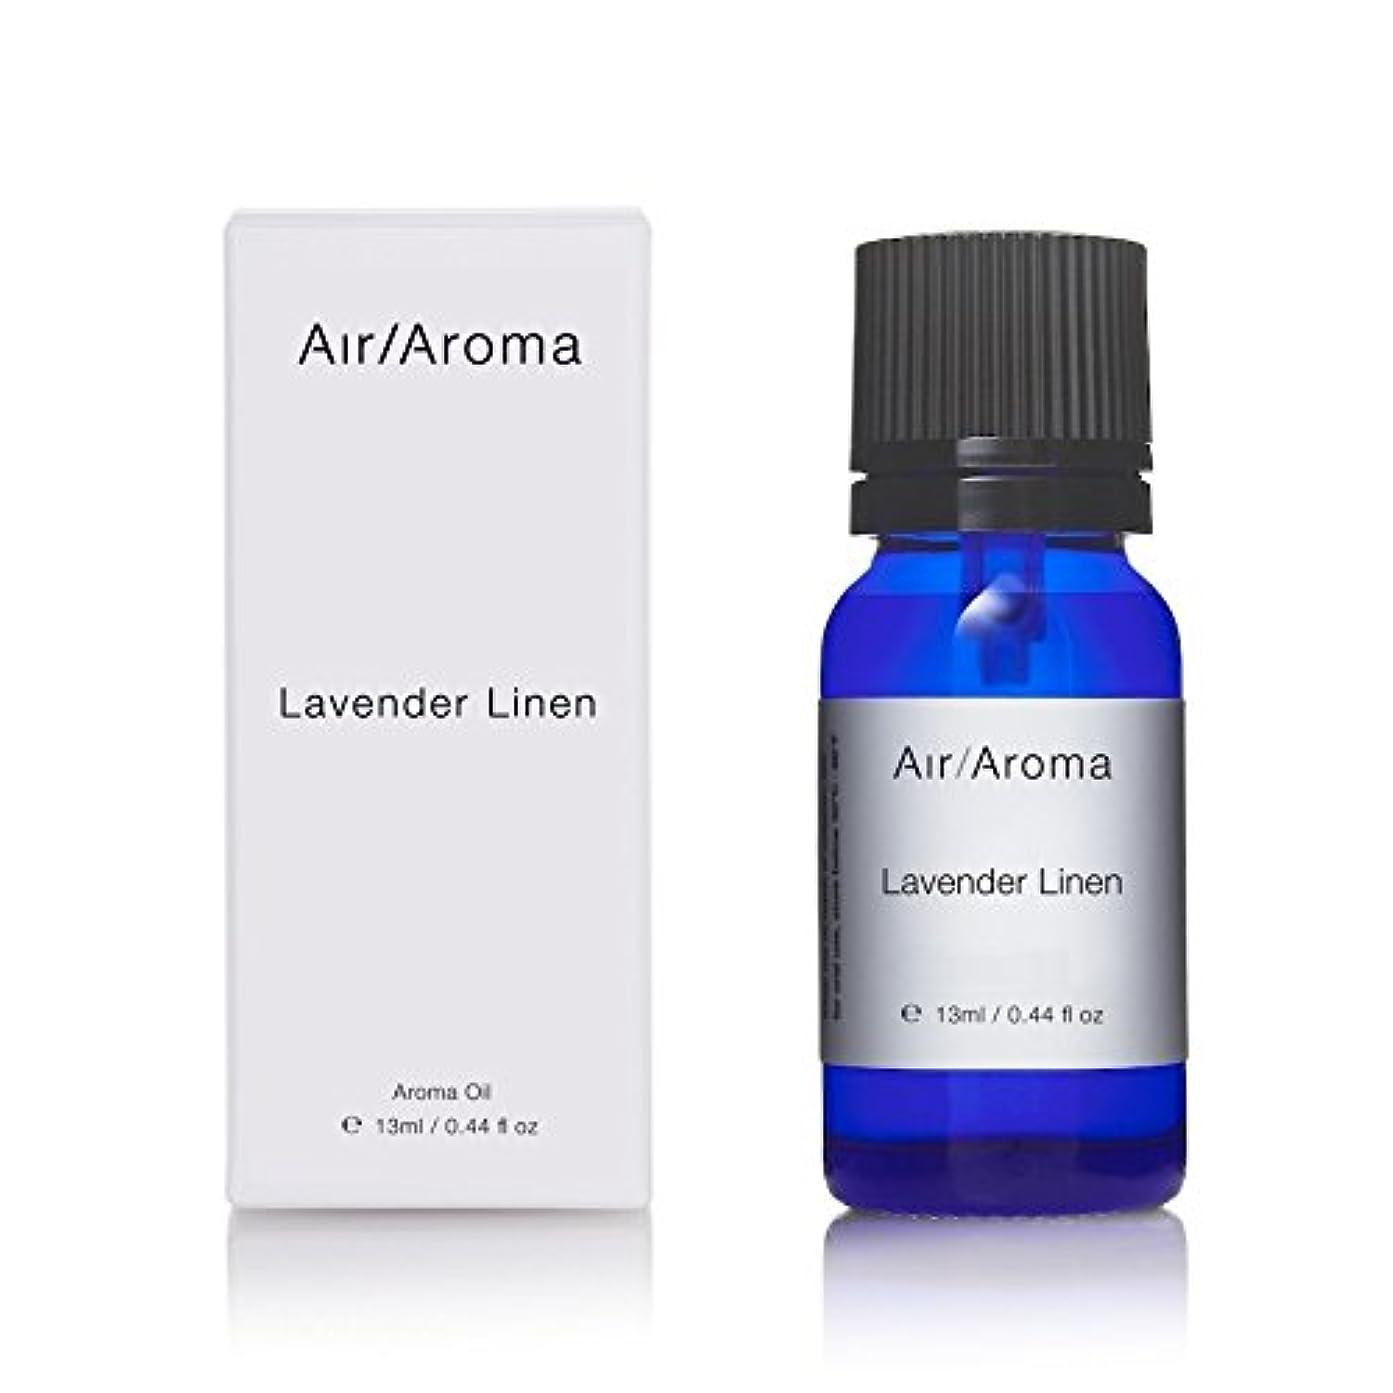 信条純度ベースエアアロマ lavender linen (ラベンダーリネン) 13ml